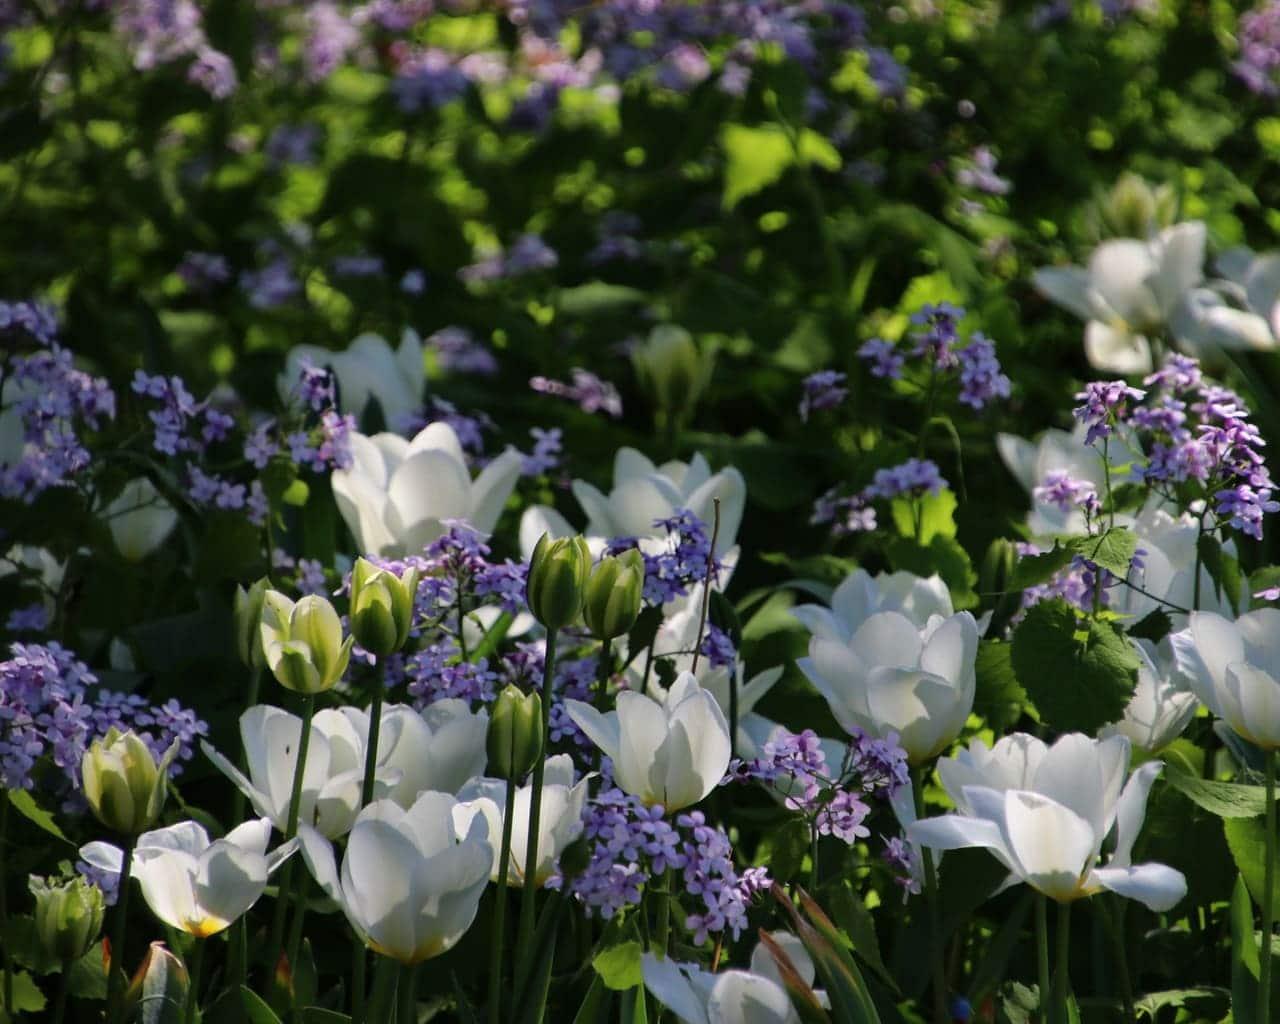 Weiße Tulpen und Viridiflora Tulpen mit Lunaria rediviva Silberblatt ,Privatgarten in Möser, Planung Petra Pelz